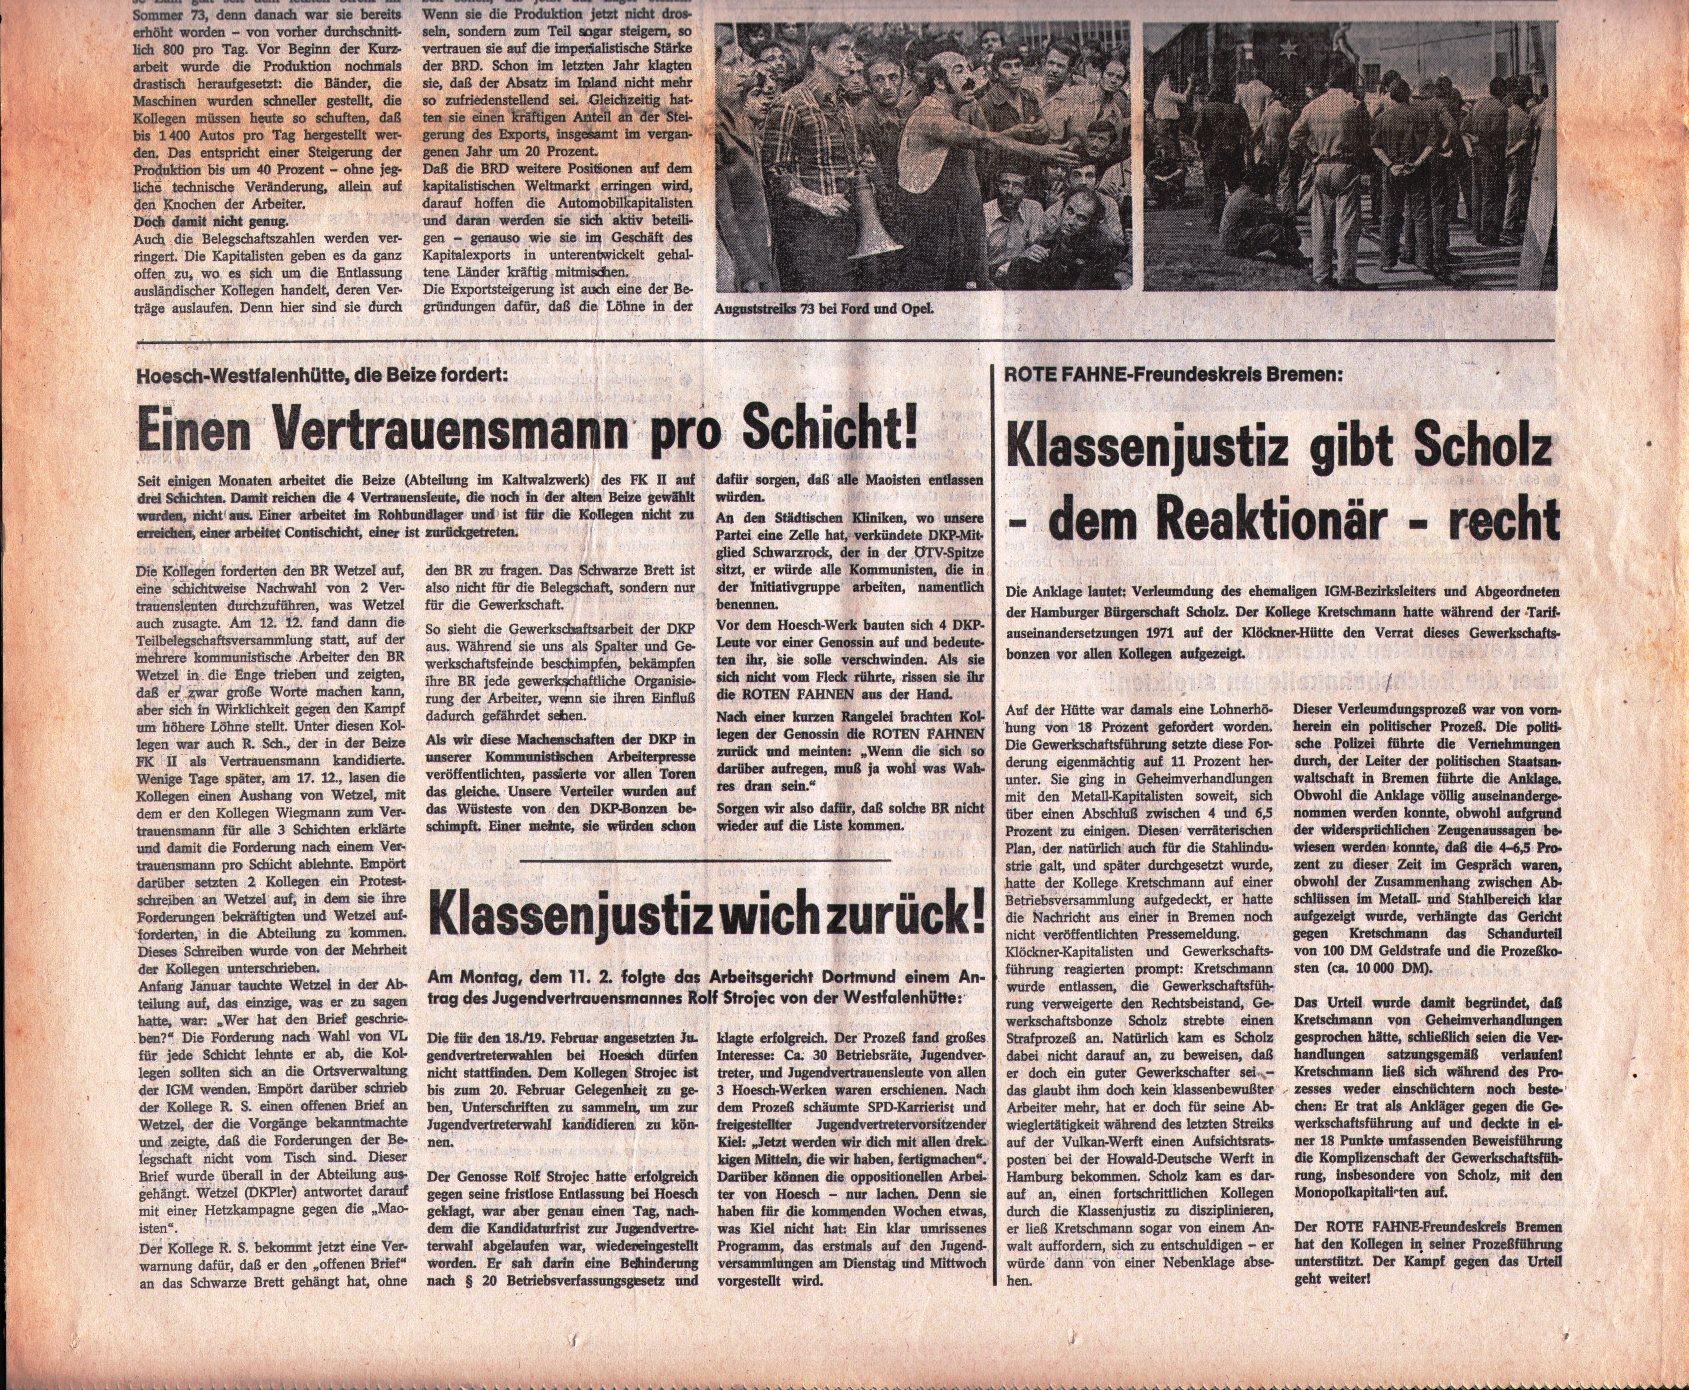 KPD_Rote_Fahne_1974_07_08